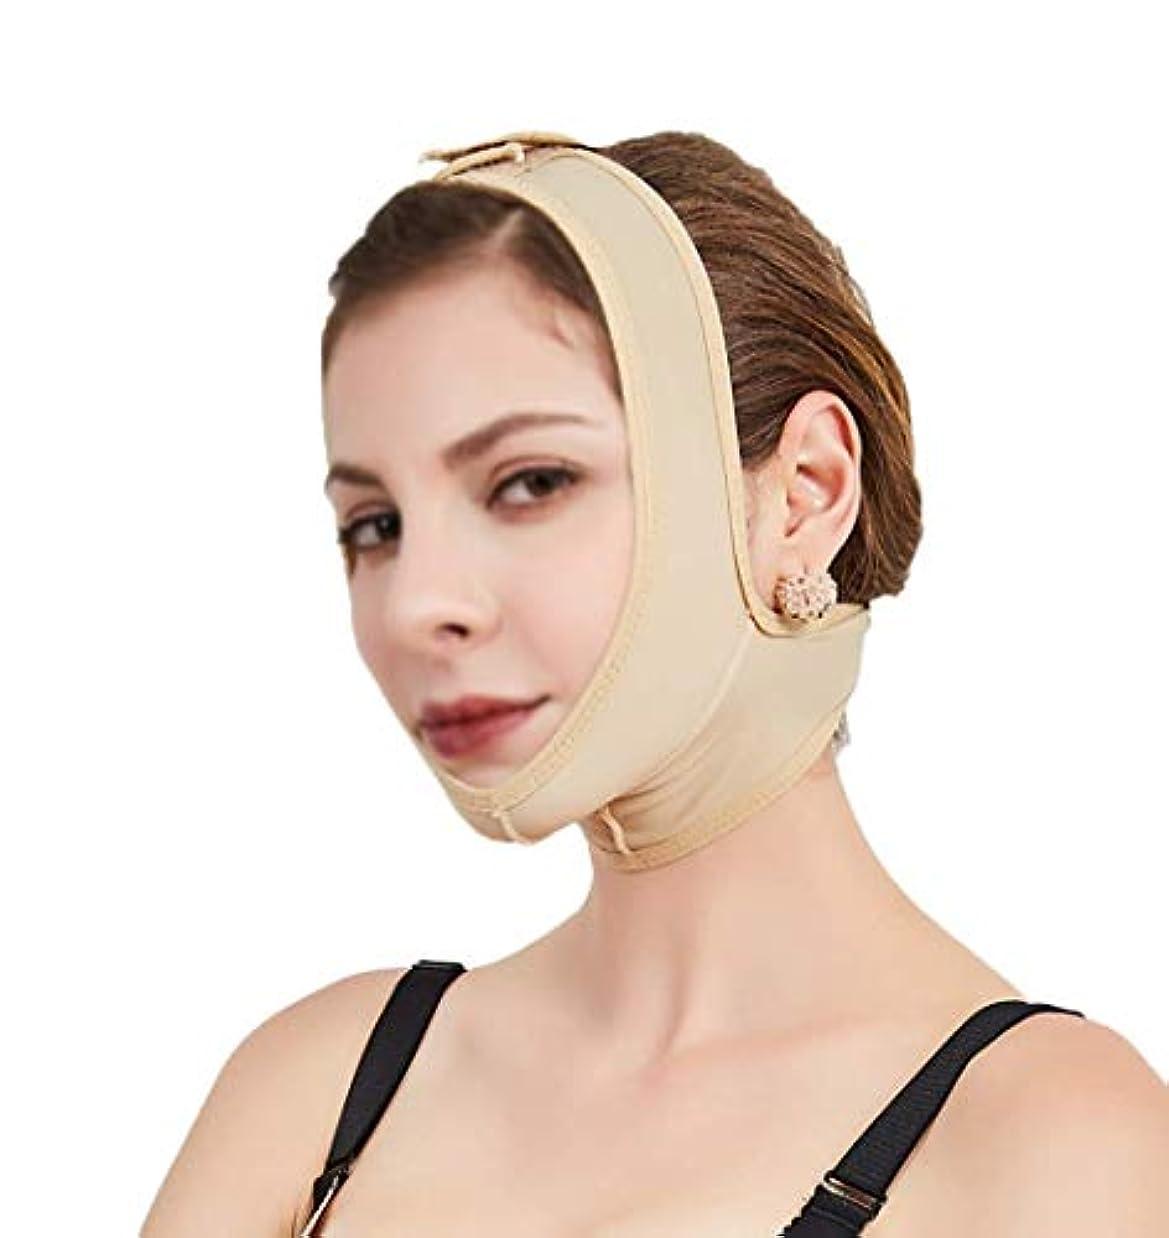 わな情報憎しみフェイスアンドネックリフトポストエラスティックスリーブ下顎骨セットフェイスアーティファクトVフェイスフェイシャルフェイスバンドルダブルチンマスク(サイズ:XS)